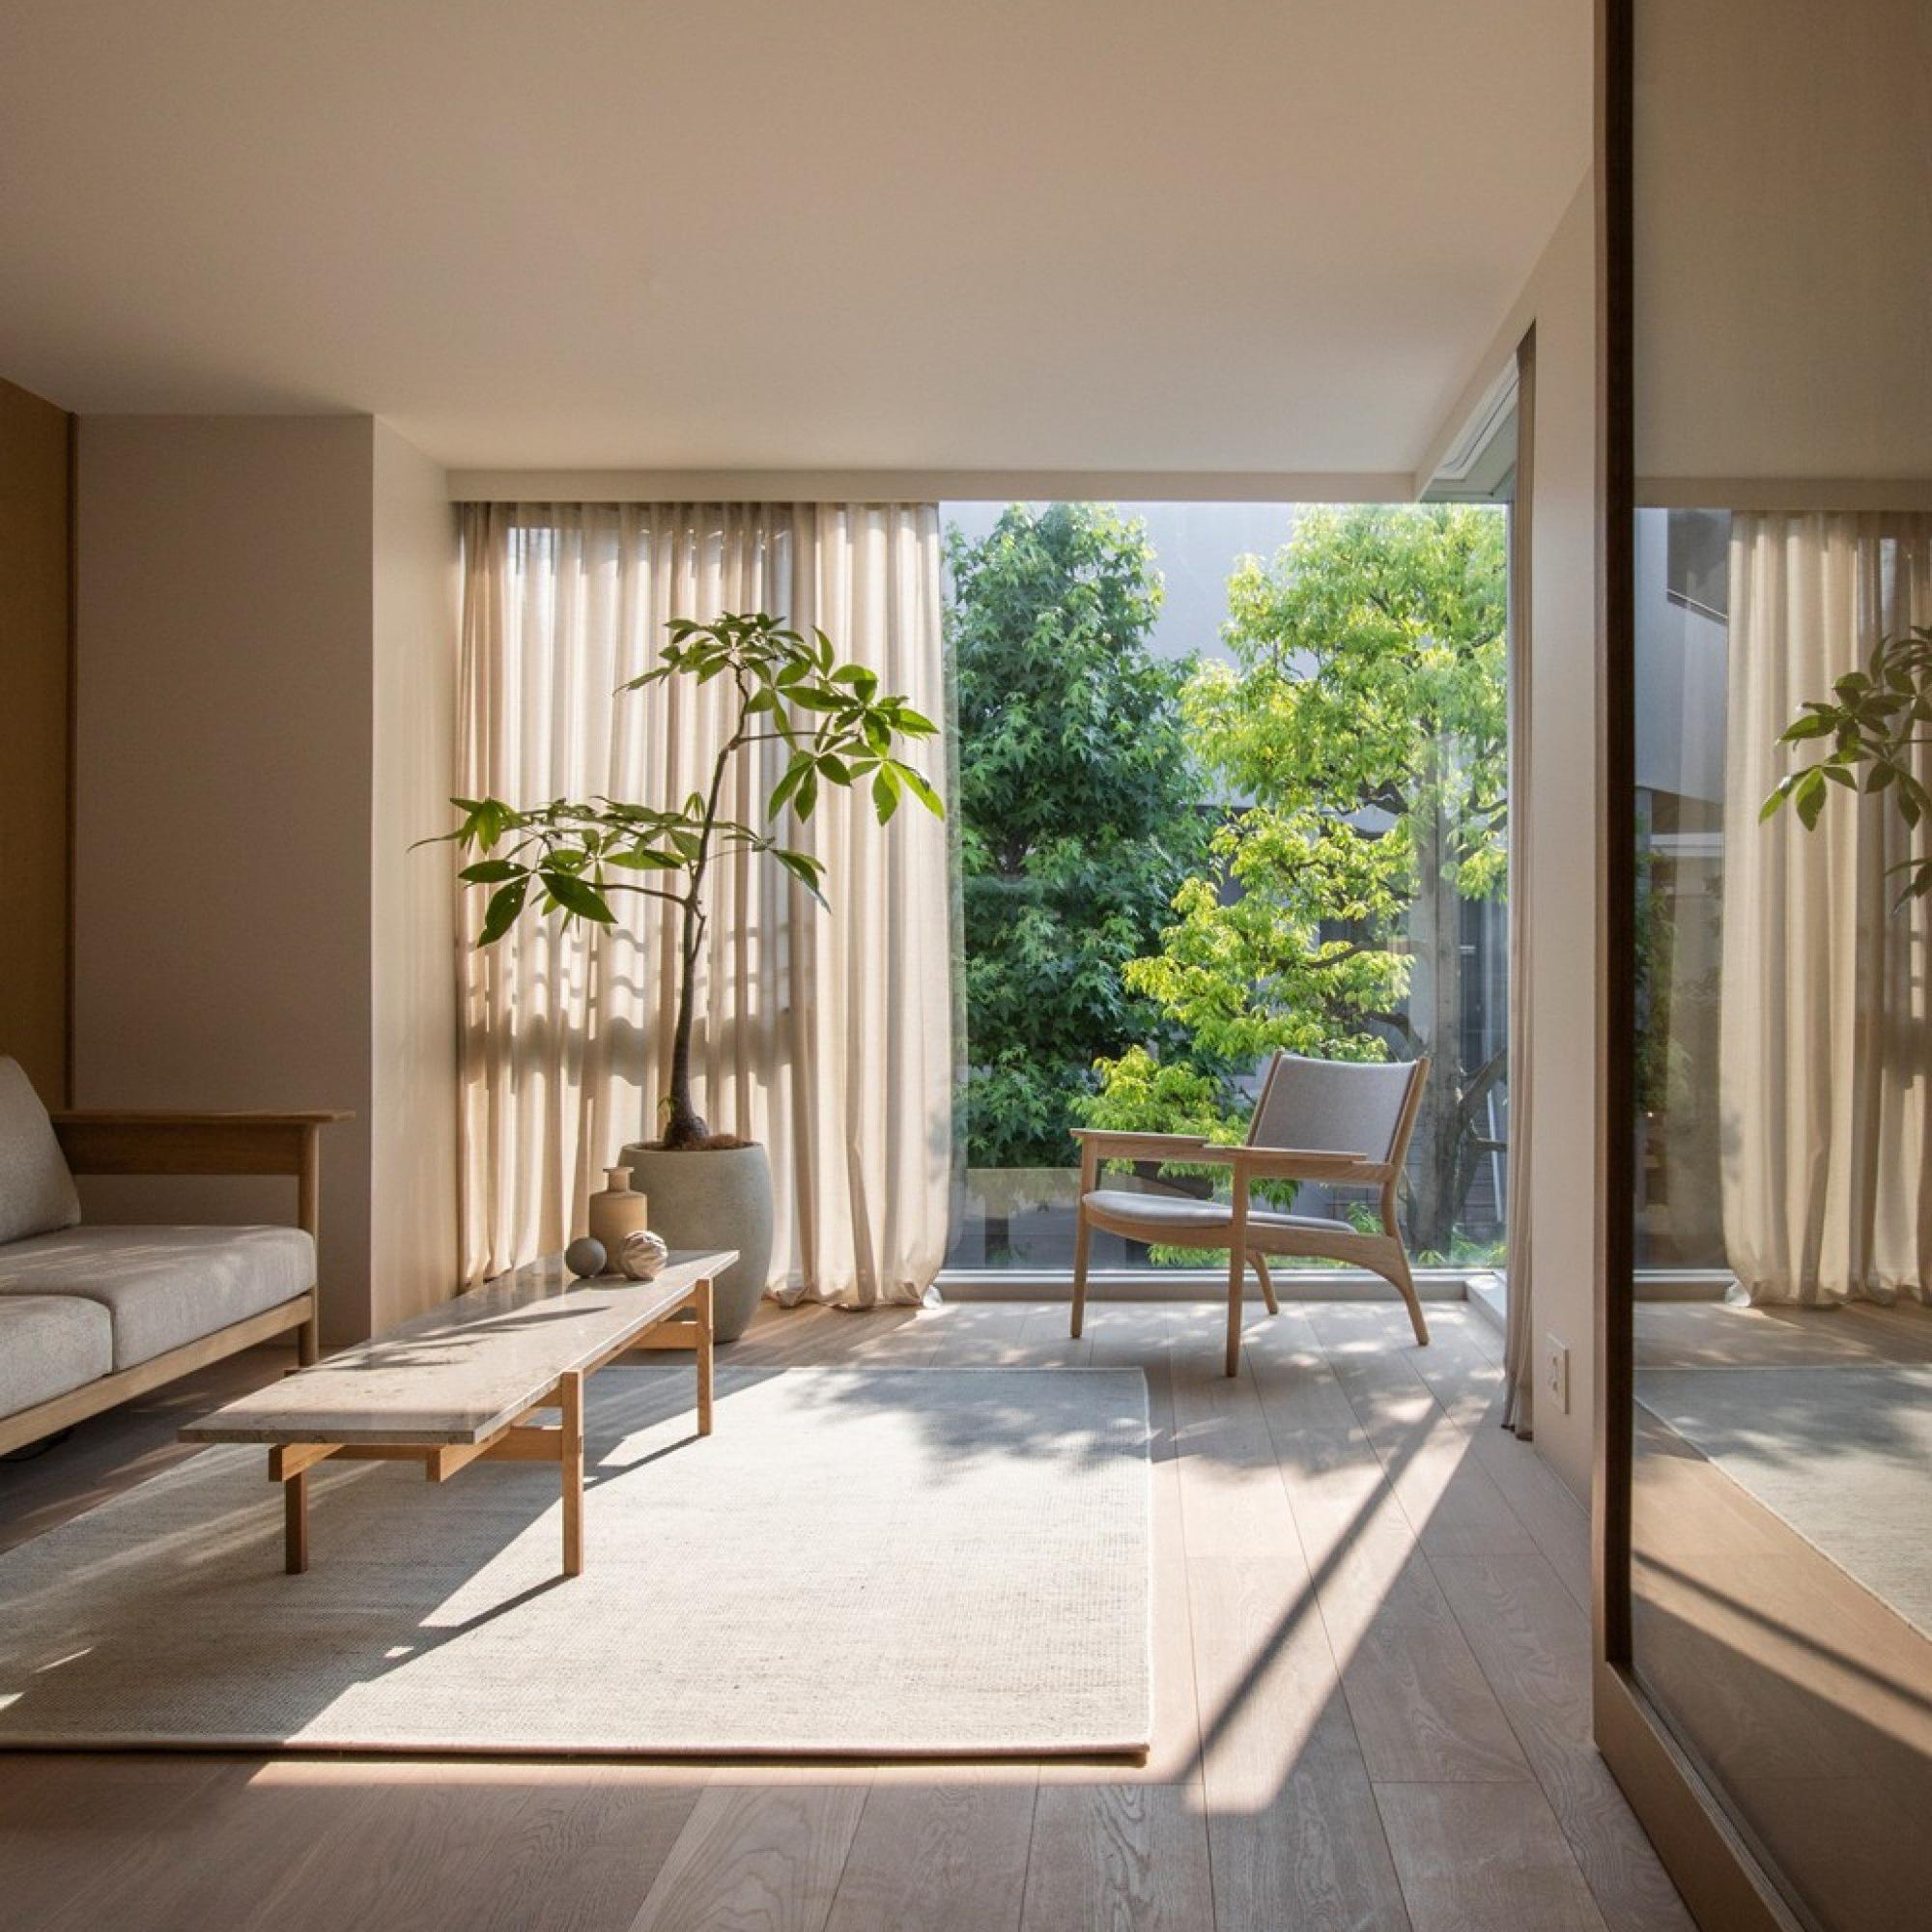 Những thiết kế phòng khách trang nhã, tinh tế lấy cảm hứng từ phong cách Nhật - Ảnh 1.